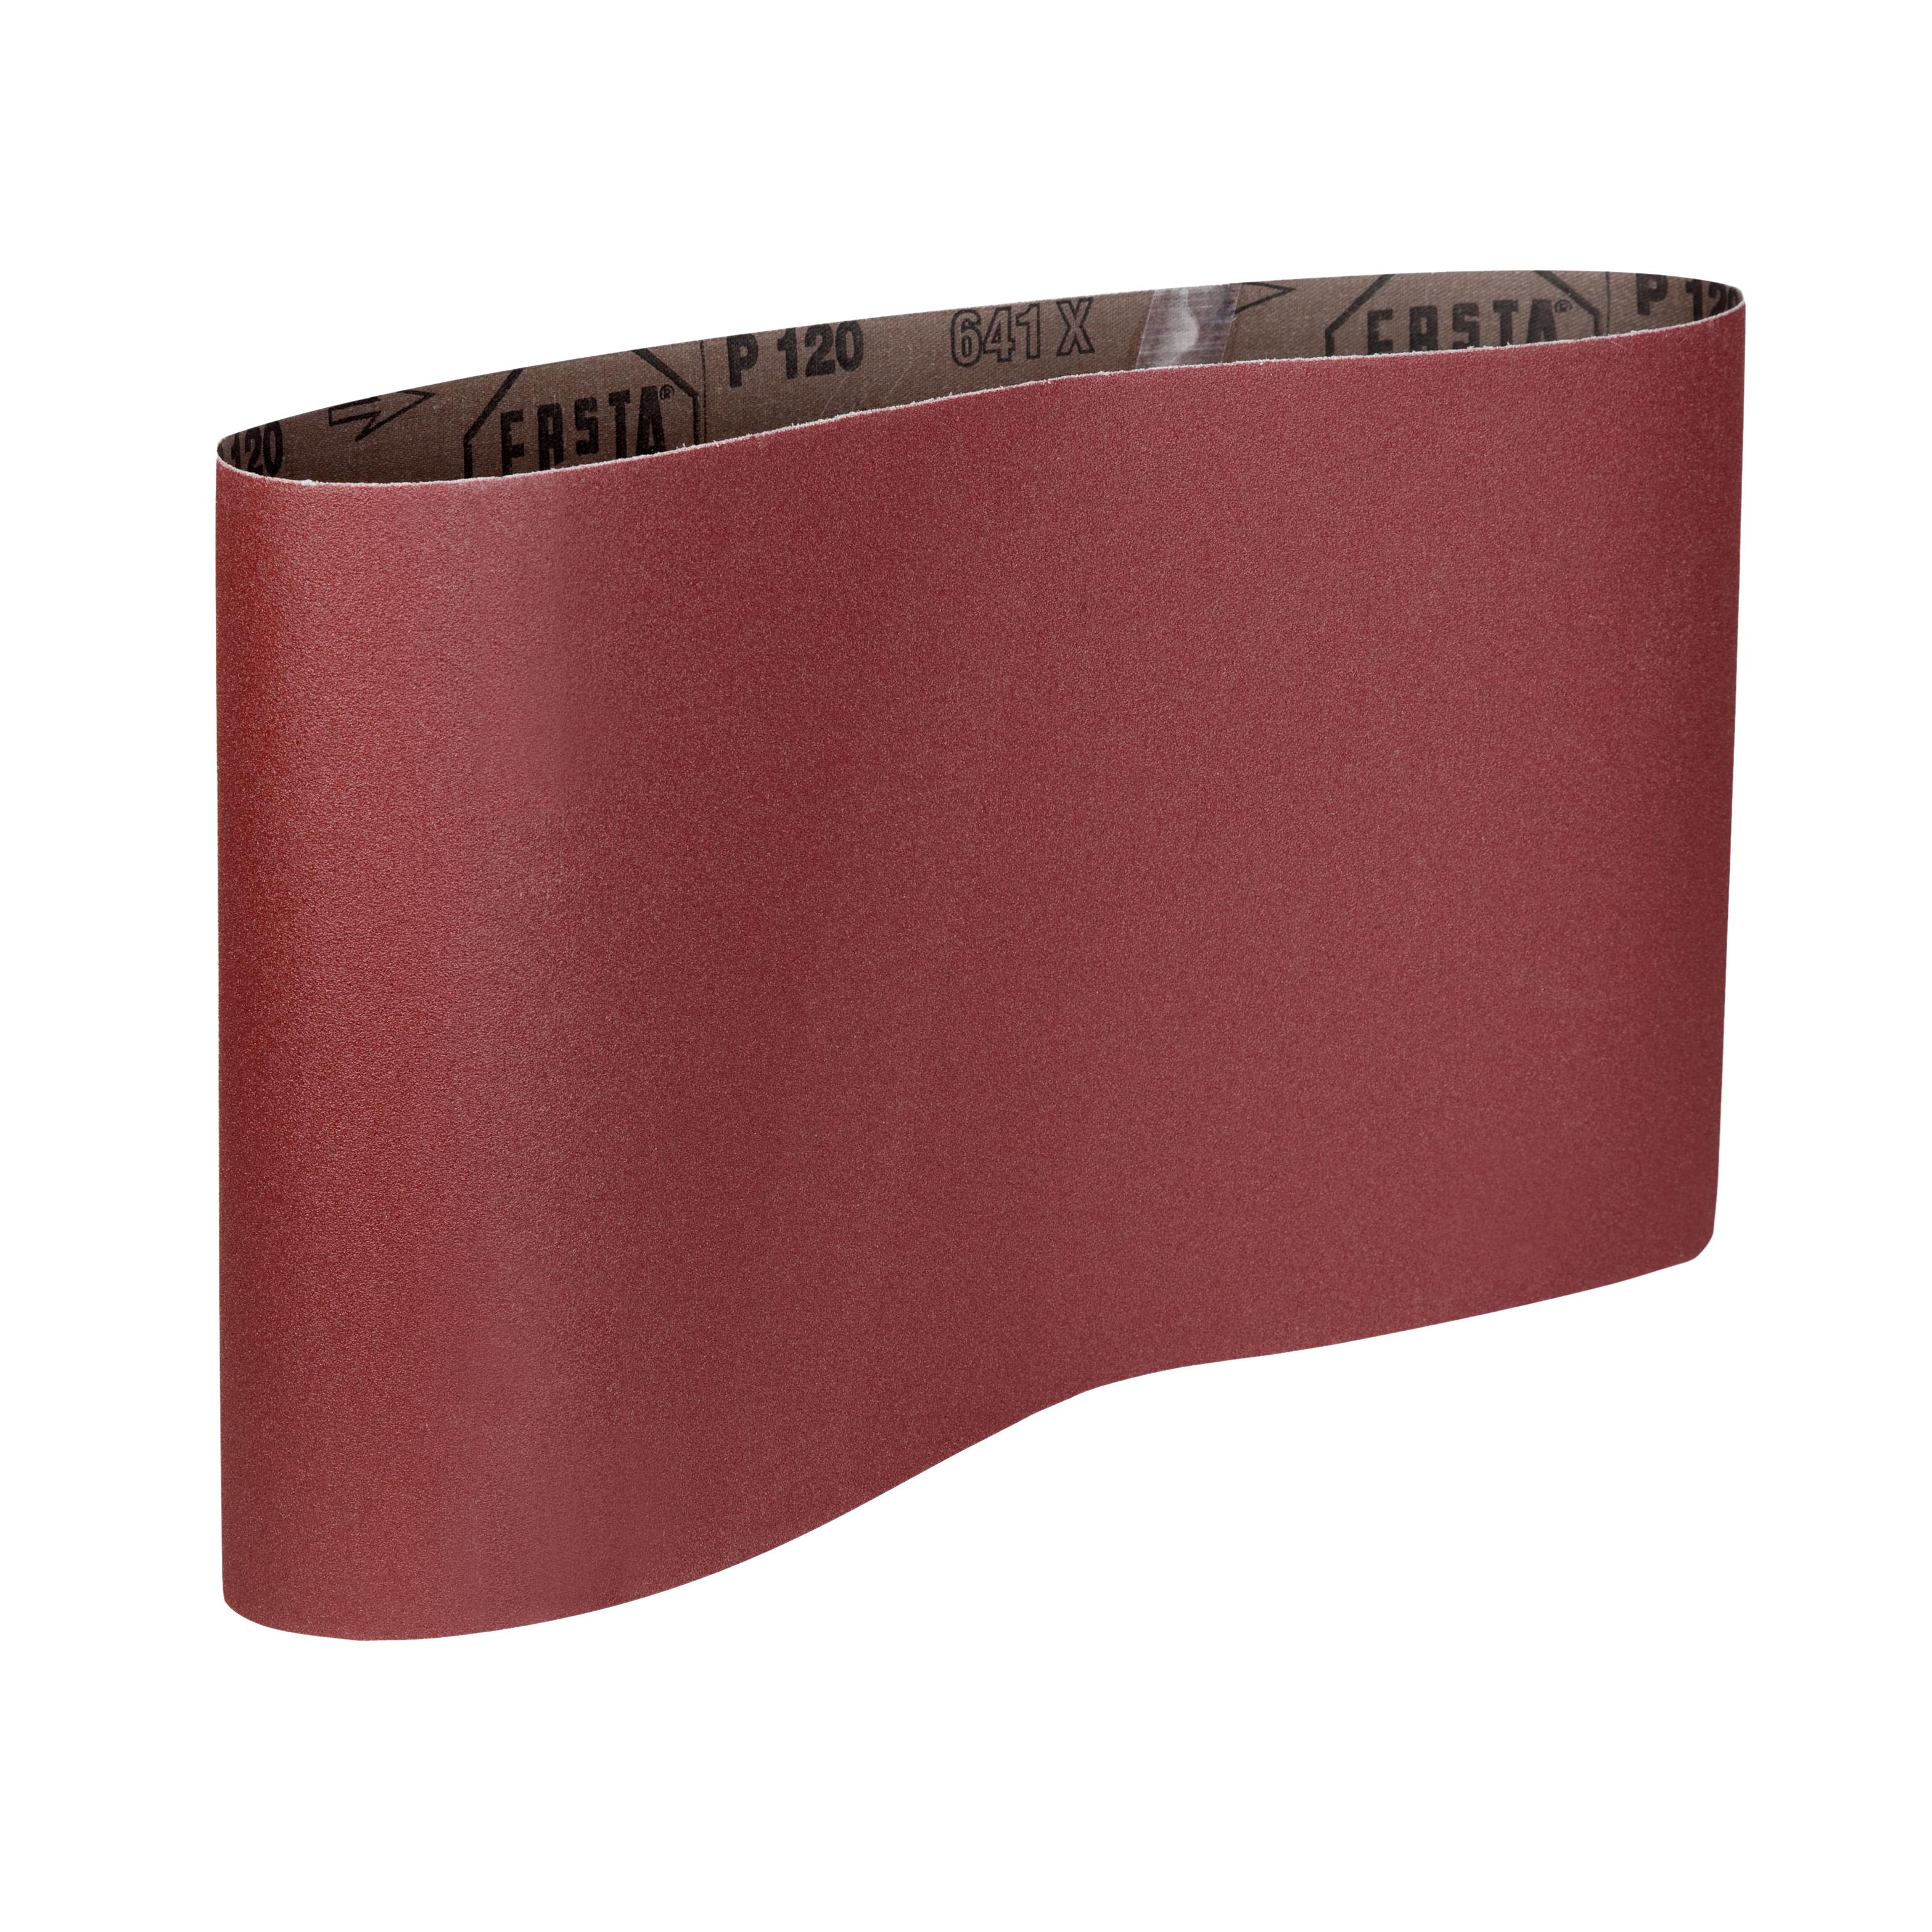 K 120 PARAT Belts Schleifband 200x750mm